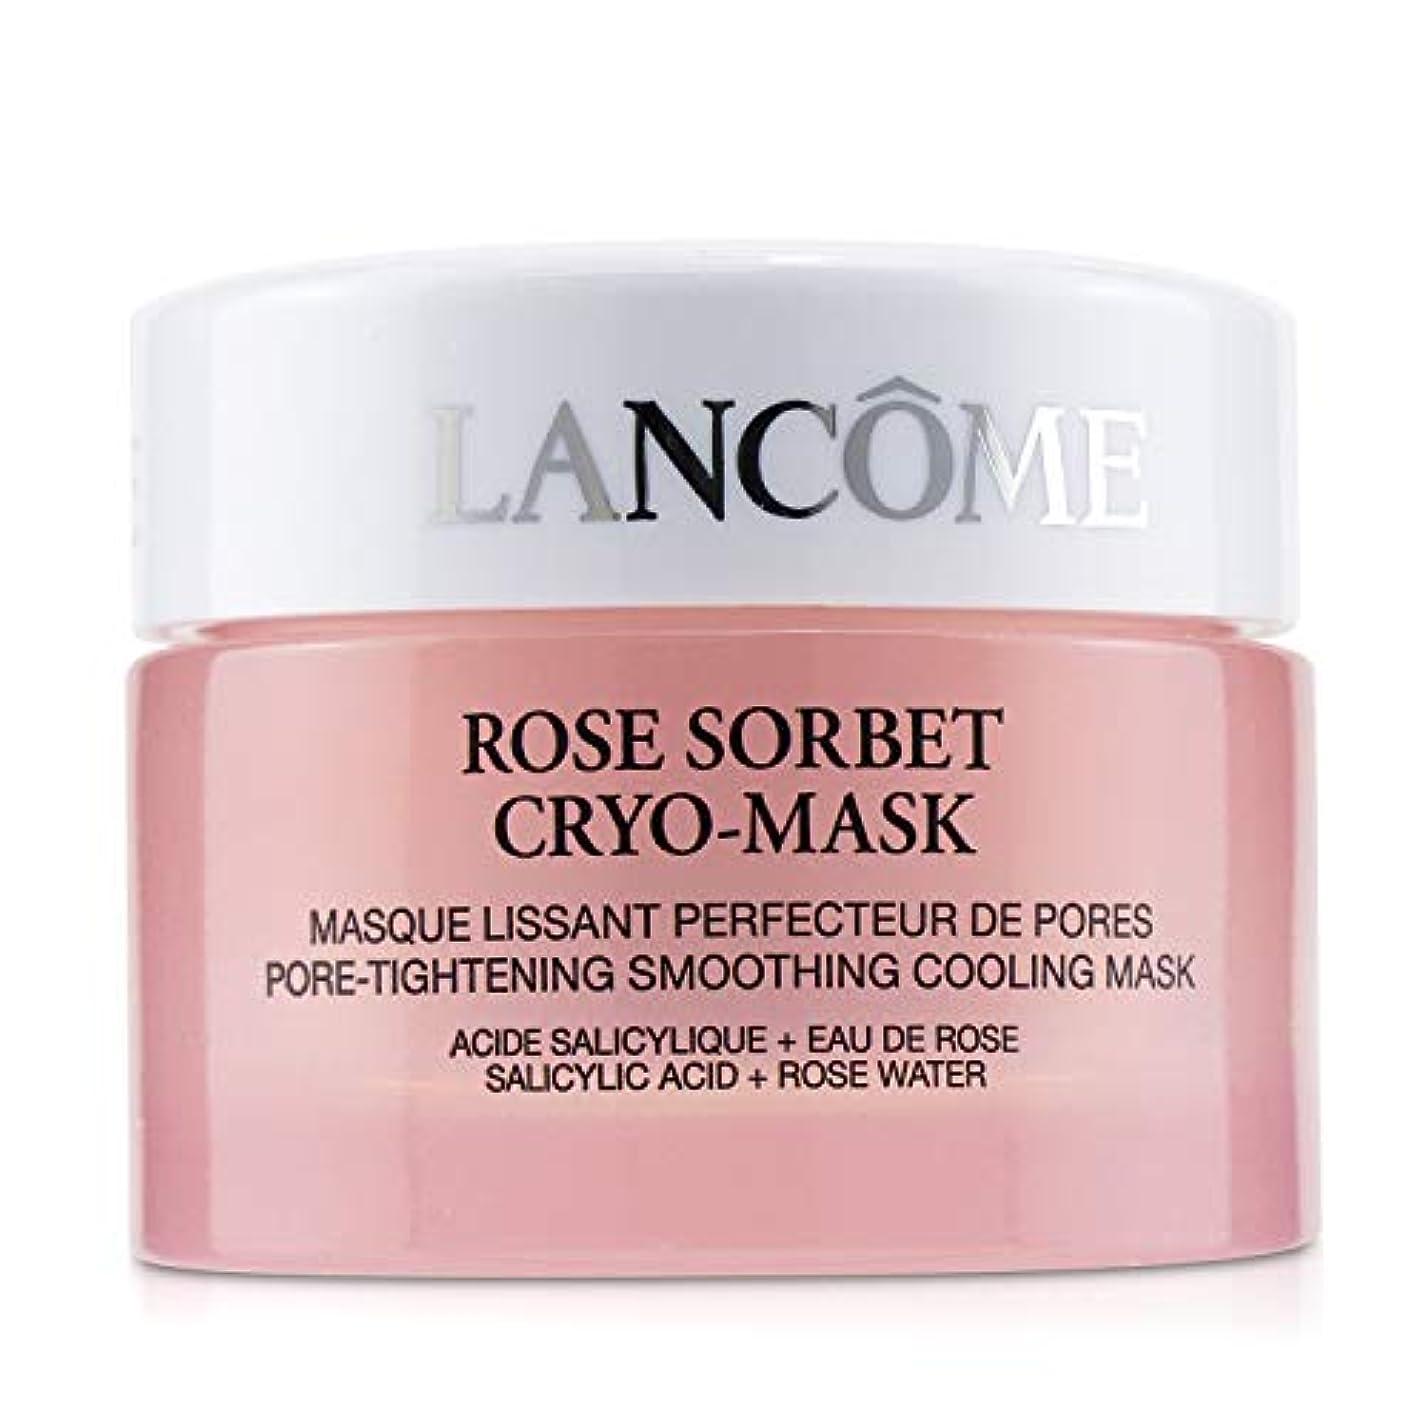 恥ずかしさ士気体操ランコム Rose Sorbet Cryo-Mask - Pore Tightening Smoothing Cooling Mask 50ml/1.7oz並行輸入品